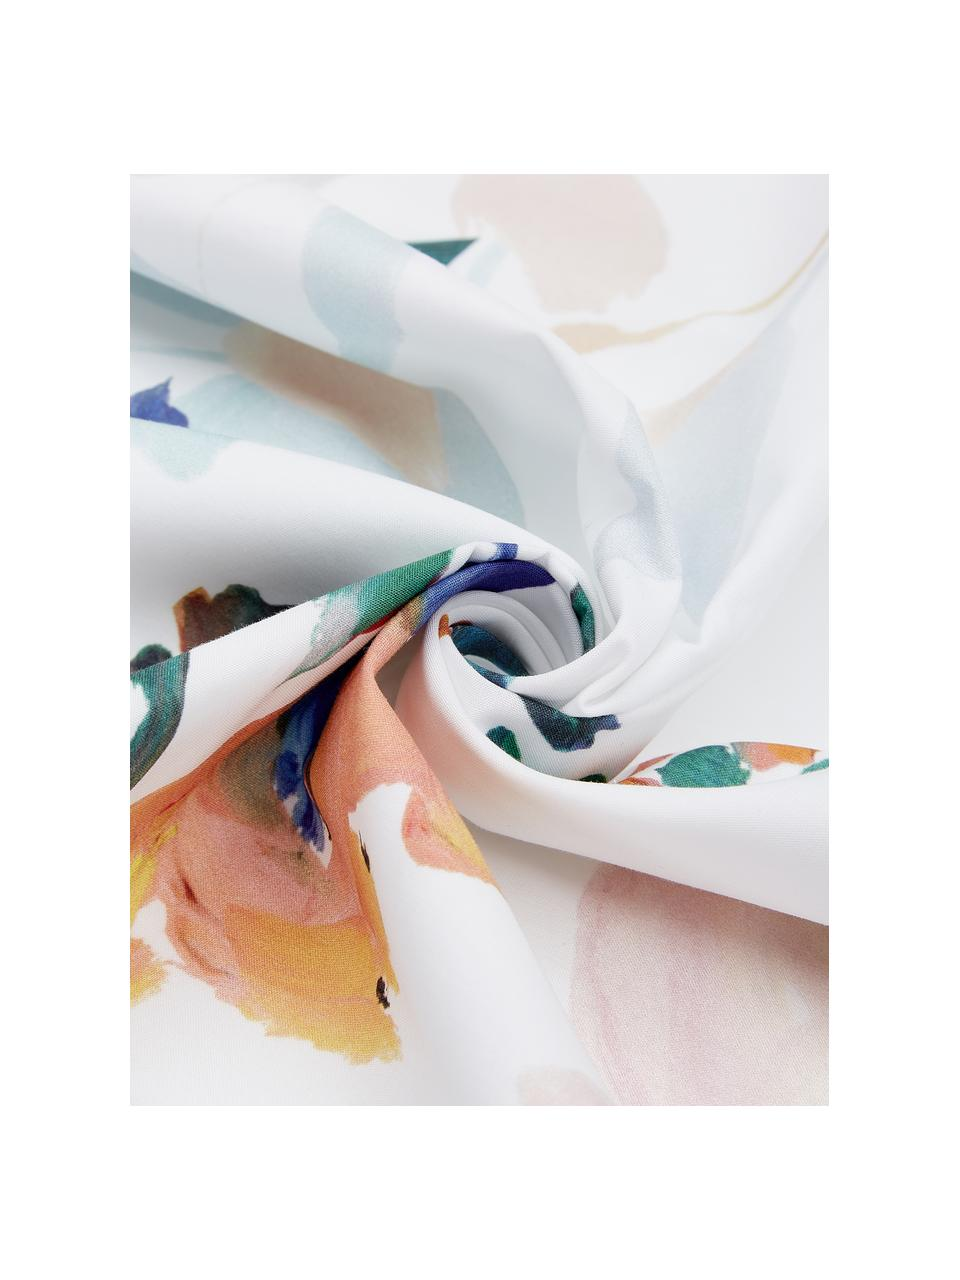 Baumwollperkal-Bettwäsche Steffi mit Blumenprint, Webart: Perkal Fadendichte 180 TC, Mehrfarbig, 135 x 200 cm